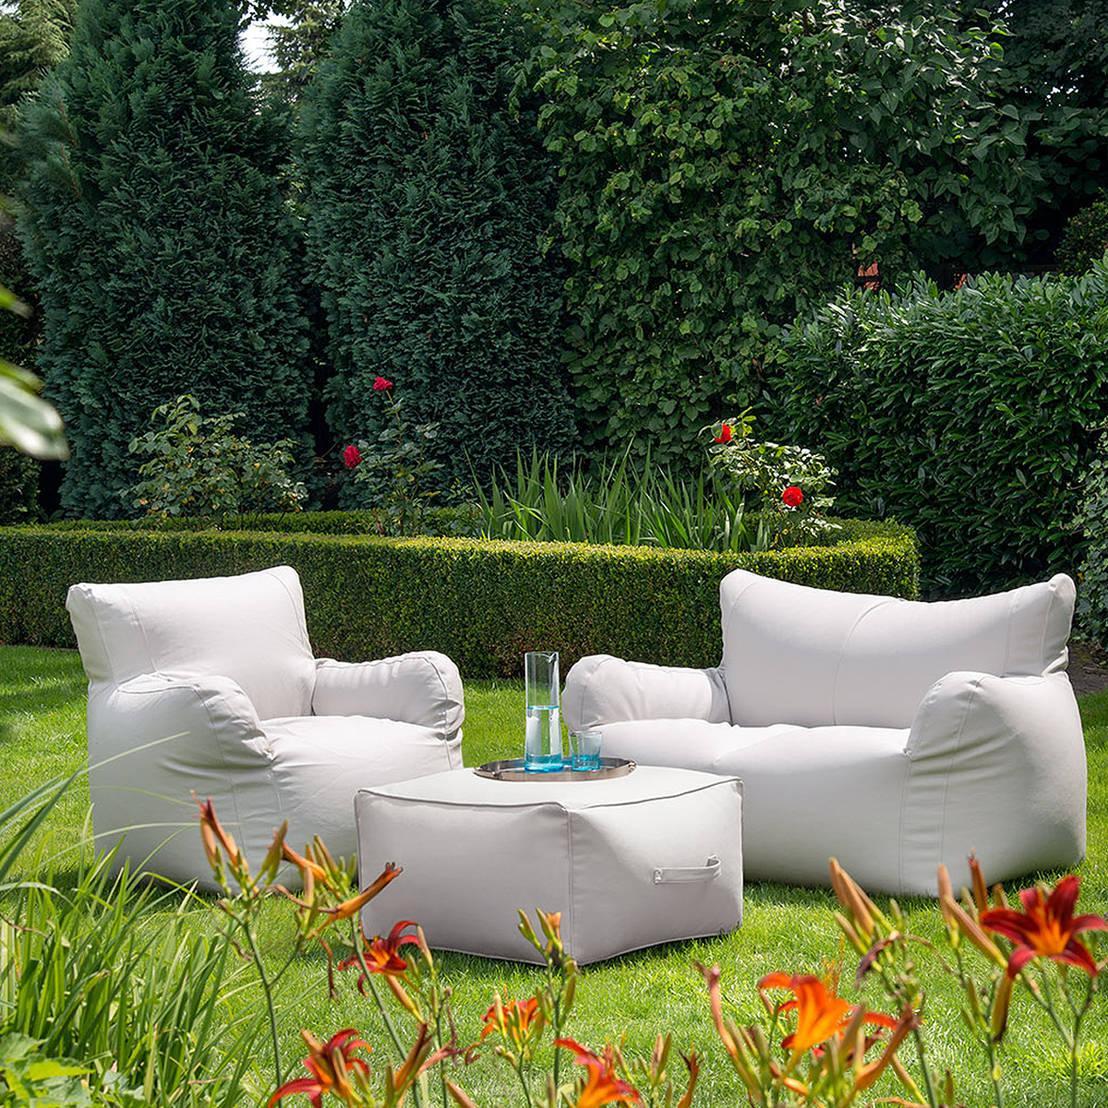 Outdoor Möbel Design Trends im Sommer 2016 von Connox